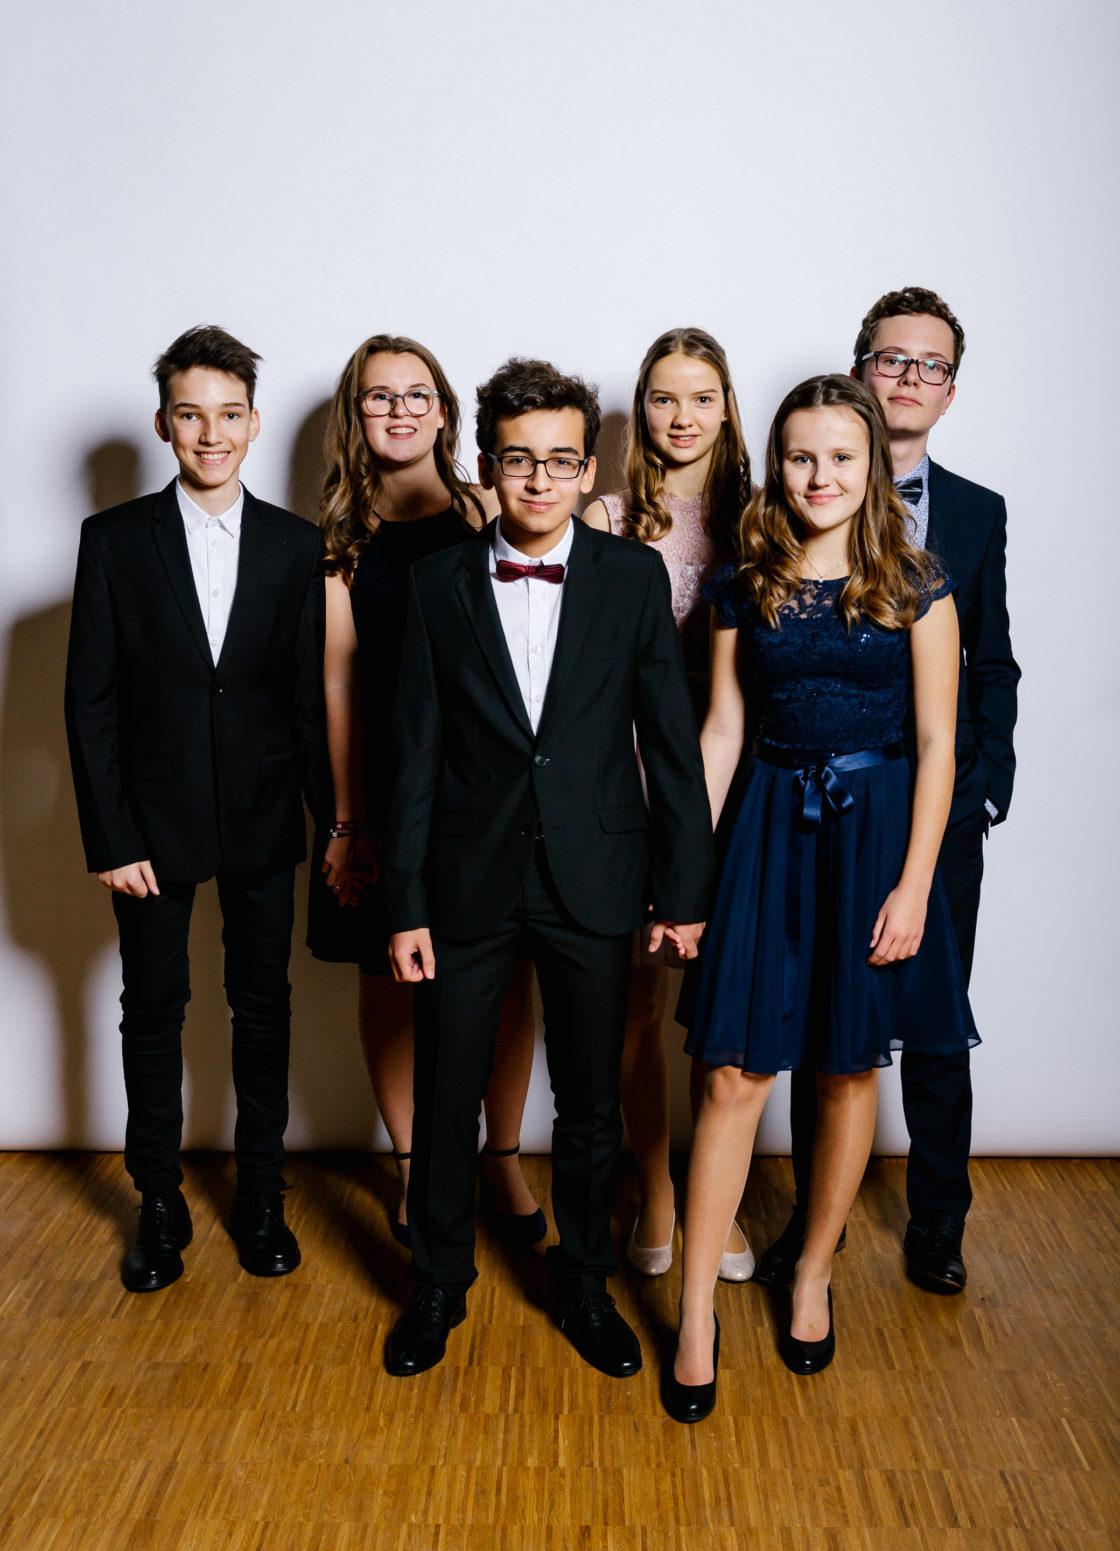 50mmfreunde tanzschule führbar Tanzball Portraits 20191115 009 1120x1551 - 50mmfreunde_tanzschule_führbar_Tanzball_Portraits_20191115_009